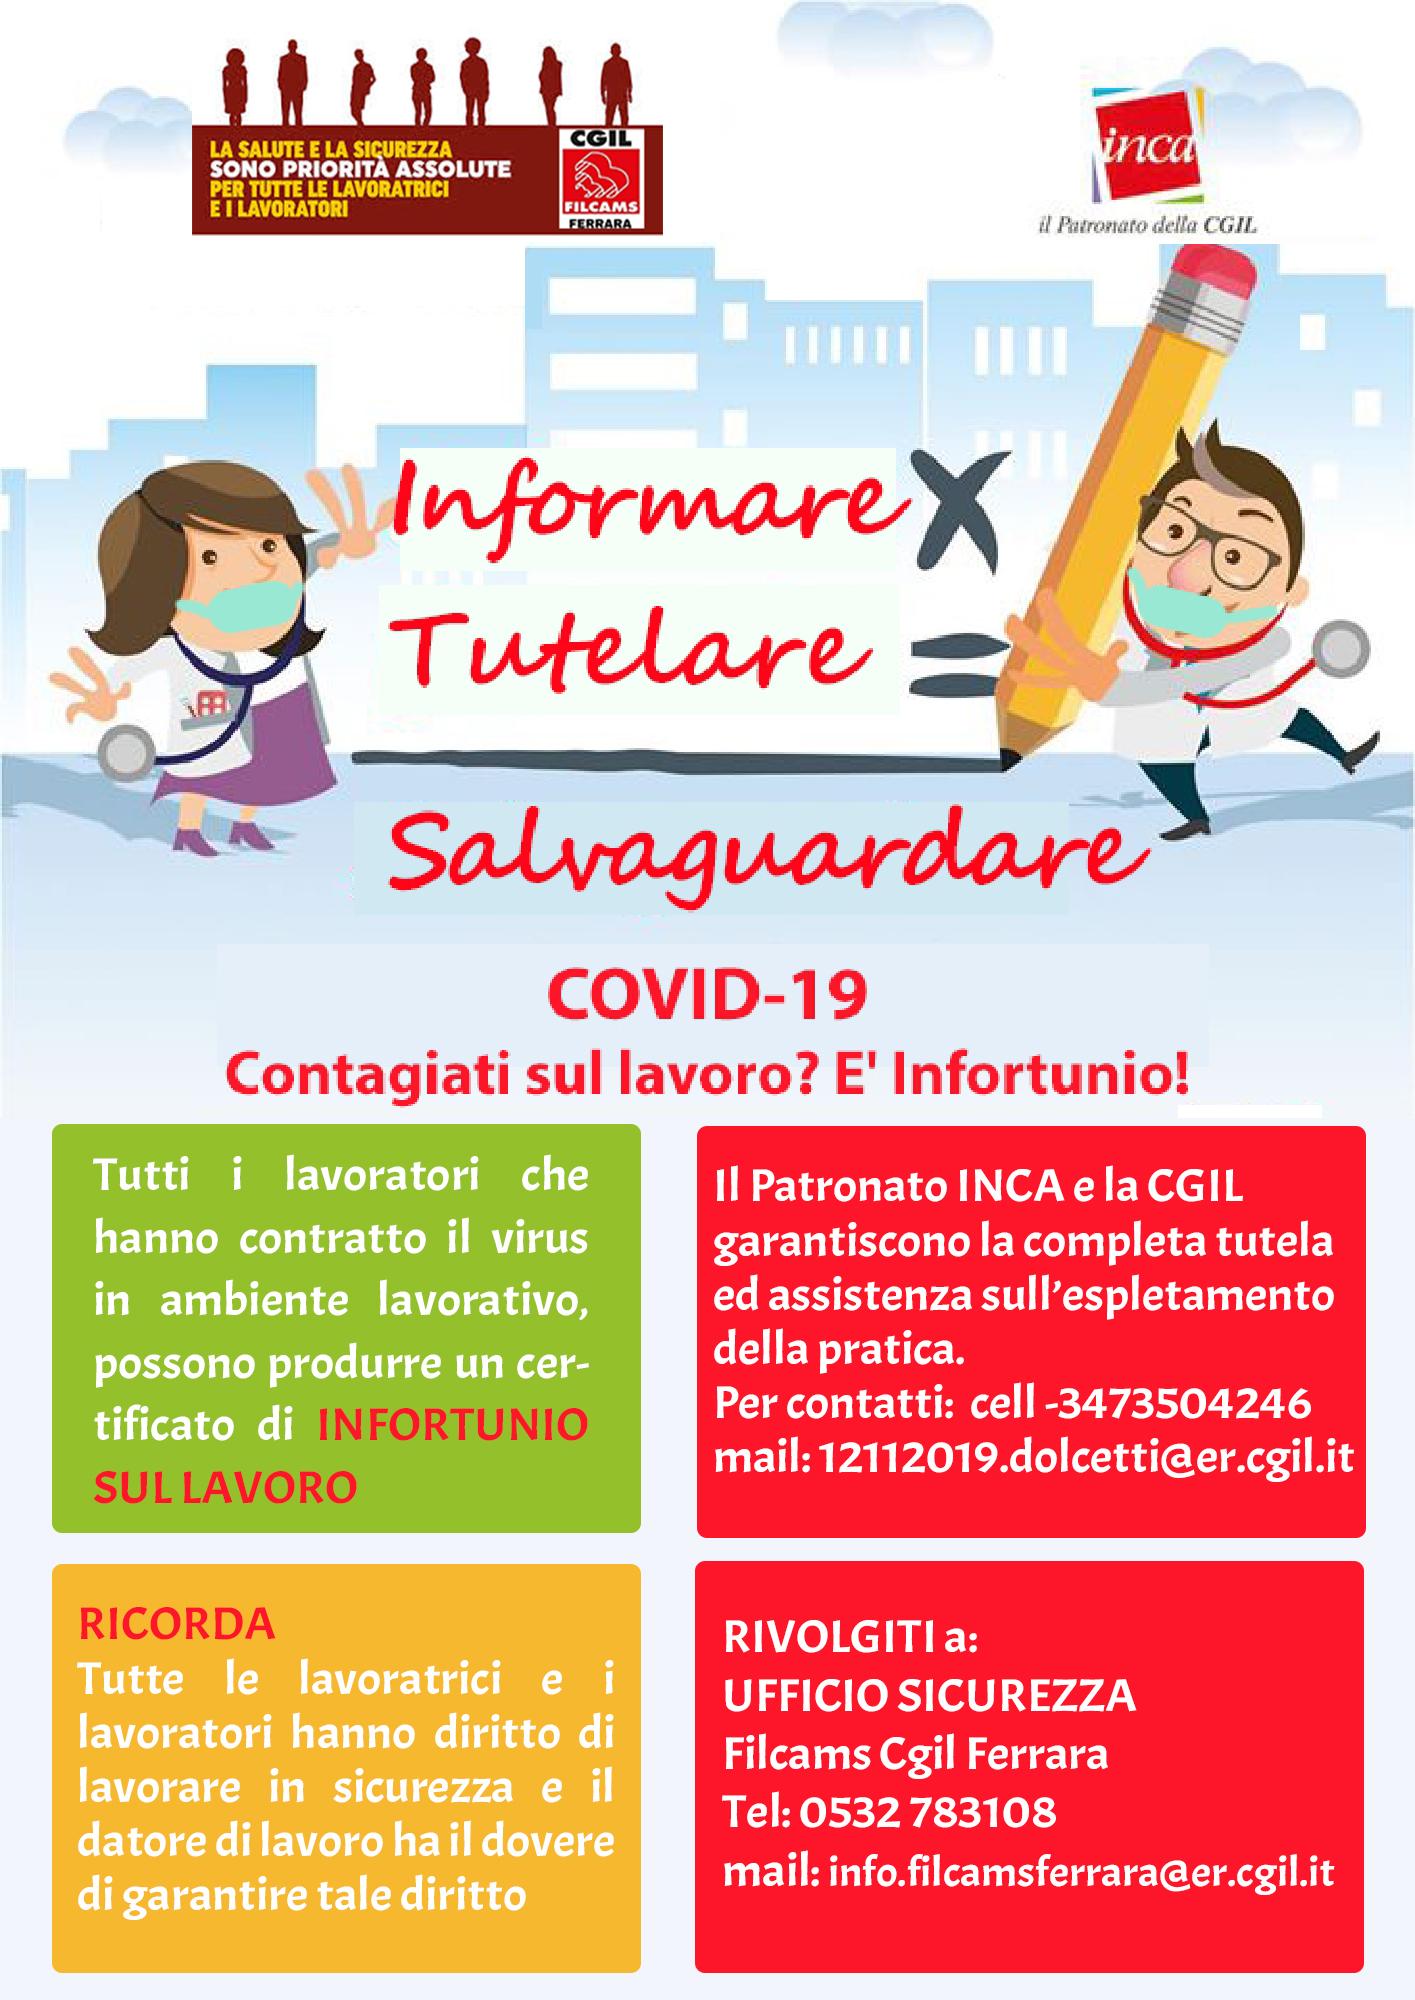 Filcams Cgil Ferrara: informazioni per infortunio da Covid-19 e sicurezza nei luoghi di lavori